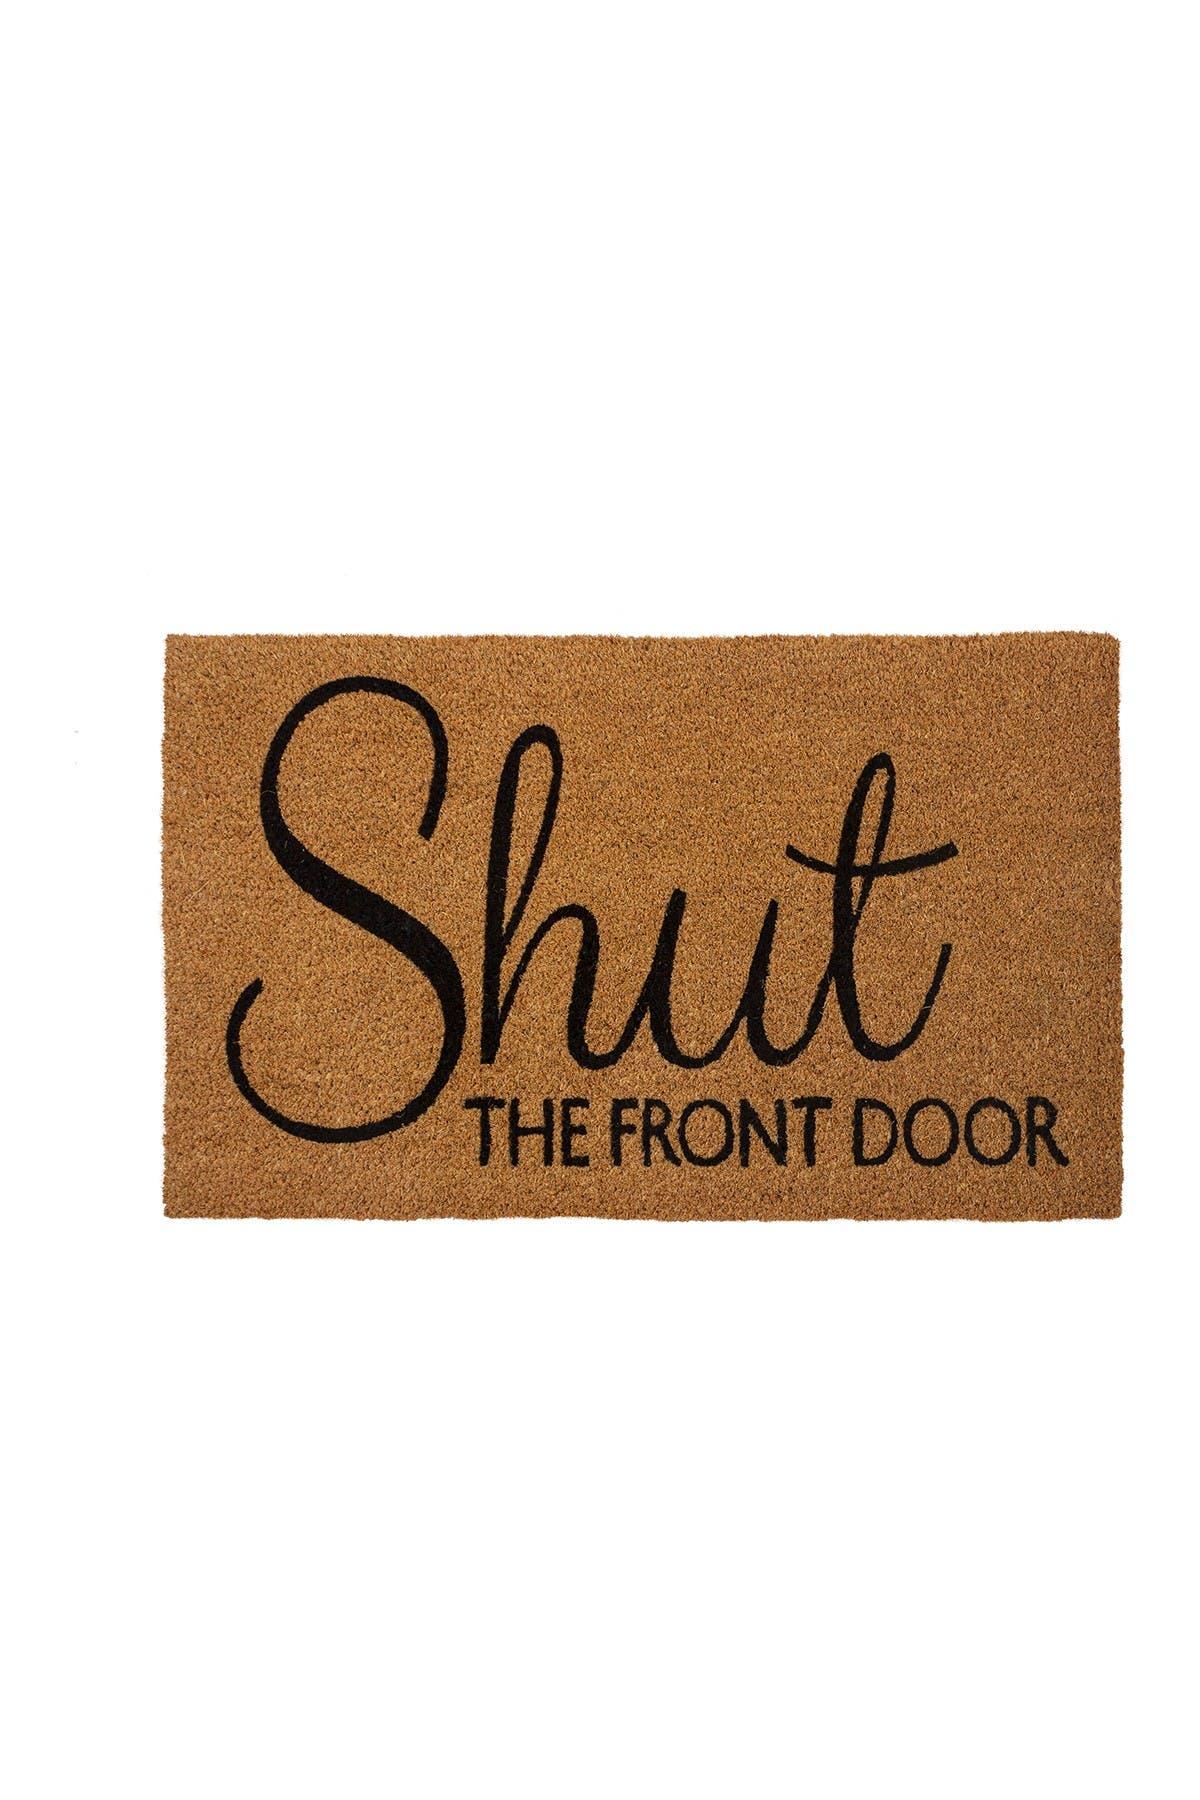 Image of ENTRYWAYS Shut the Front Door Coir Doormat